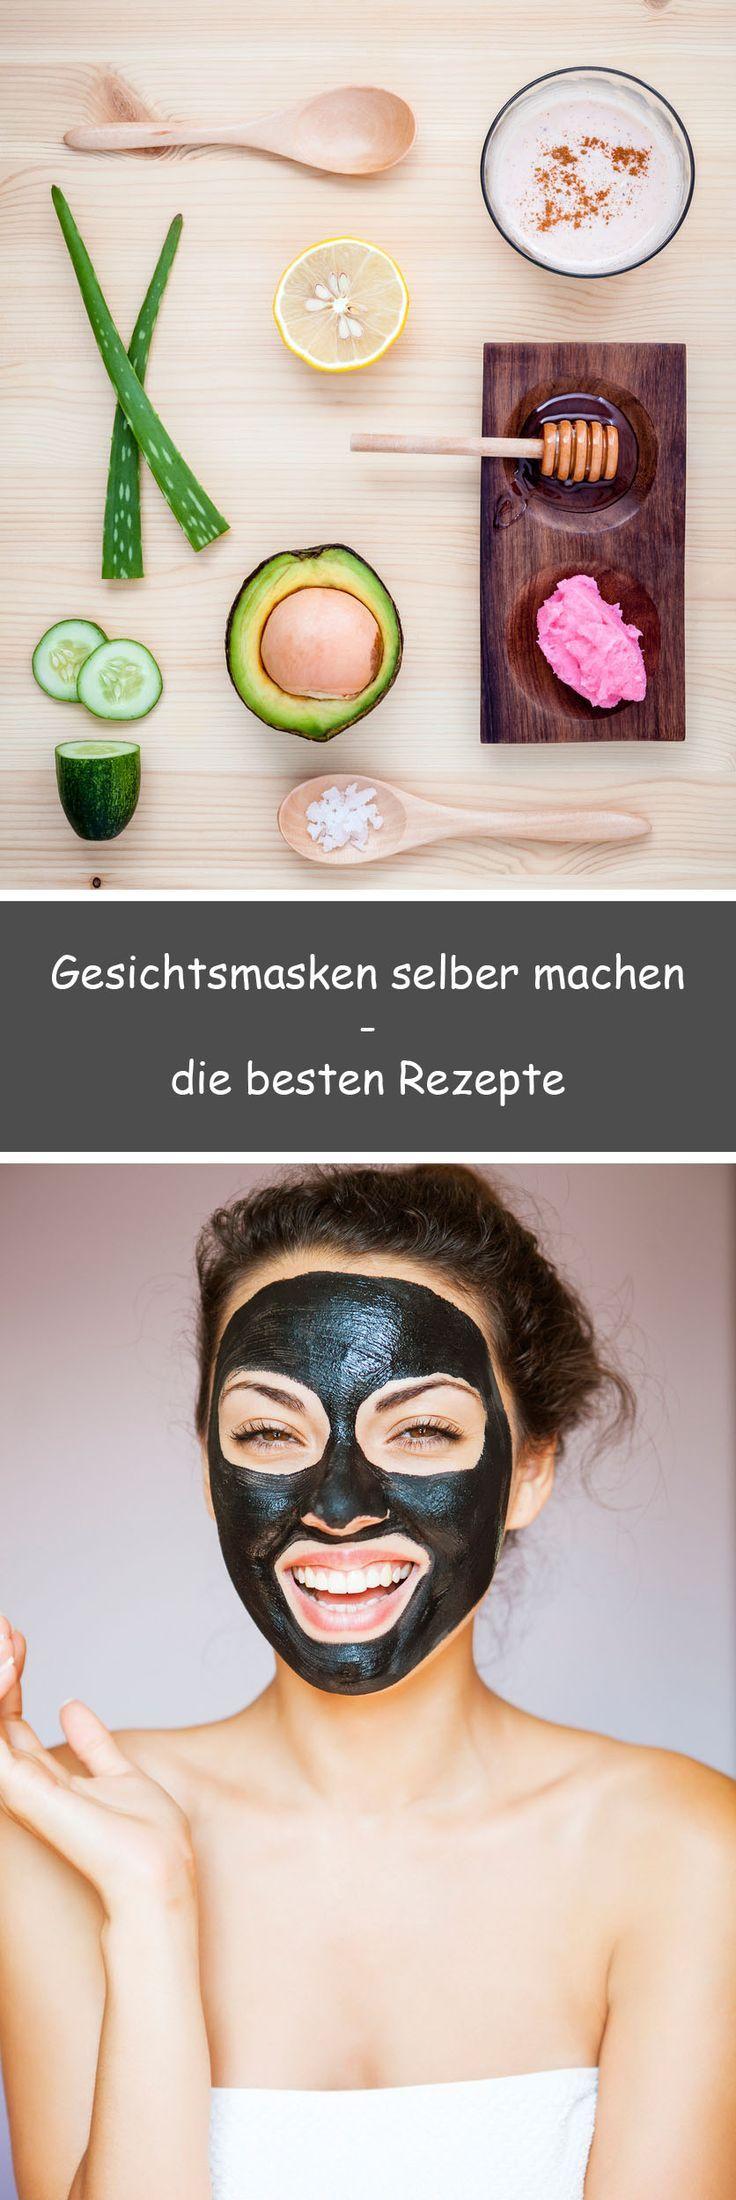 Gesichtsmasken selber machen • Schnelle Rezepte